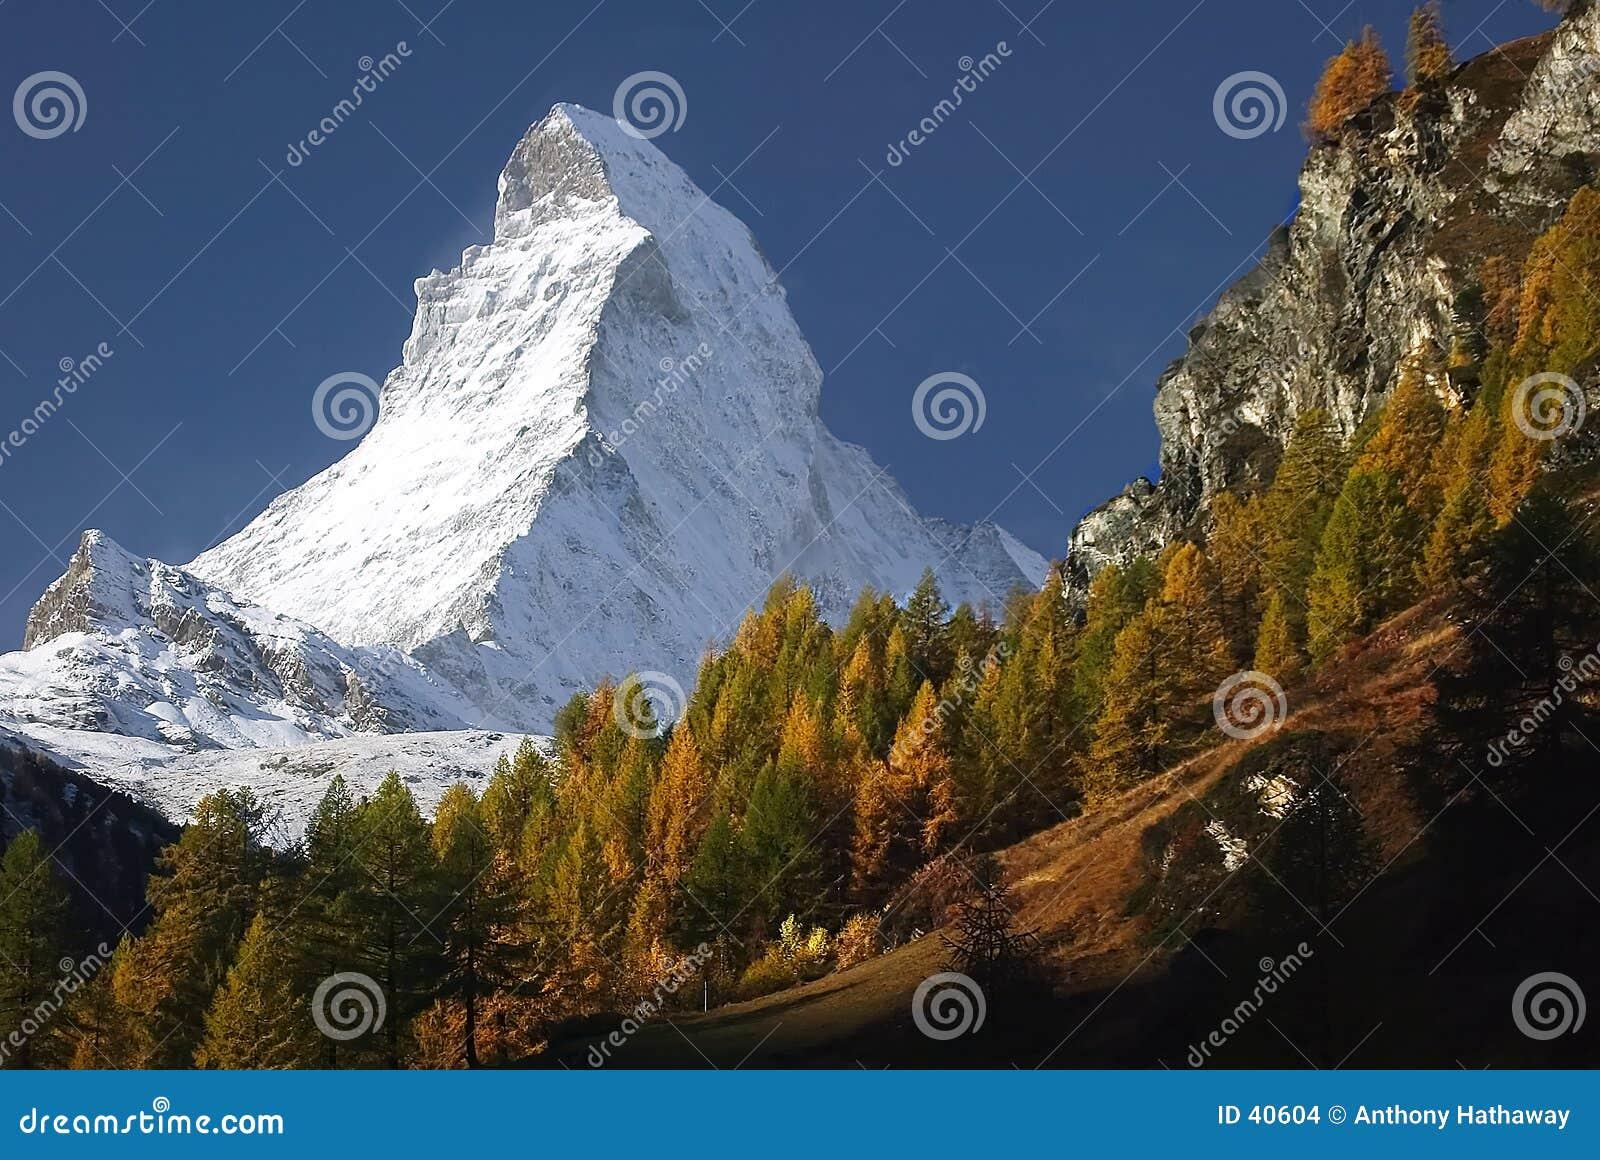 Il Matterhorn